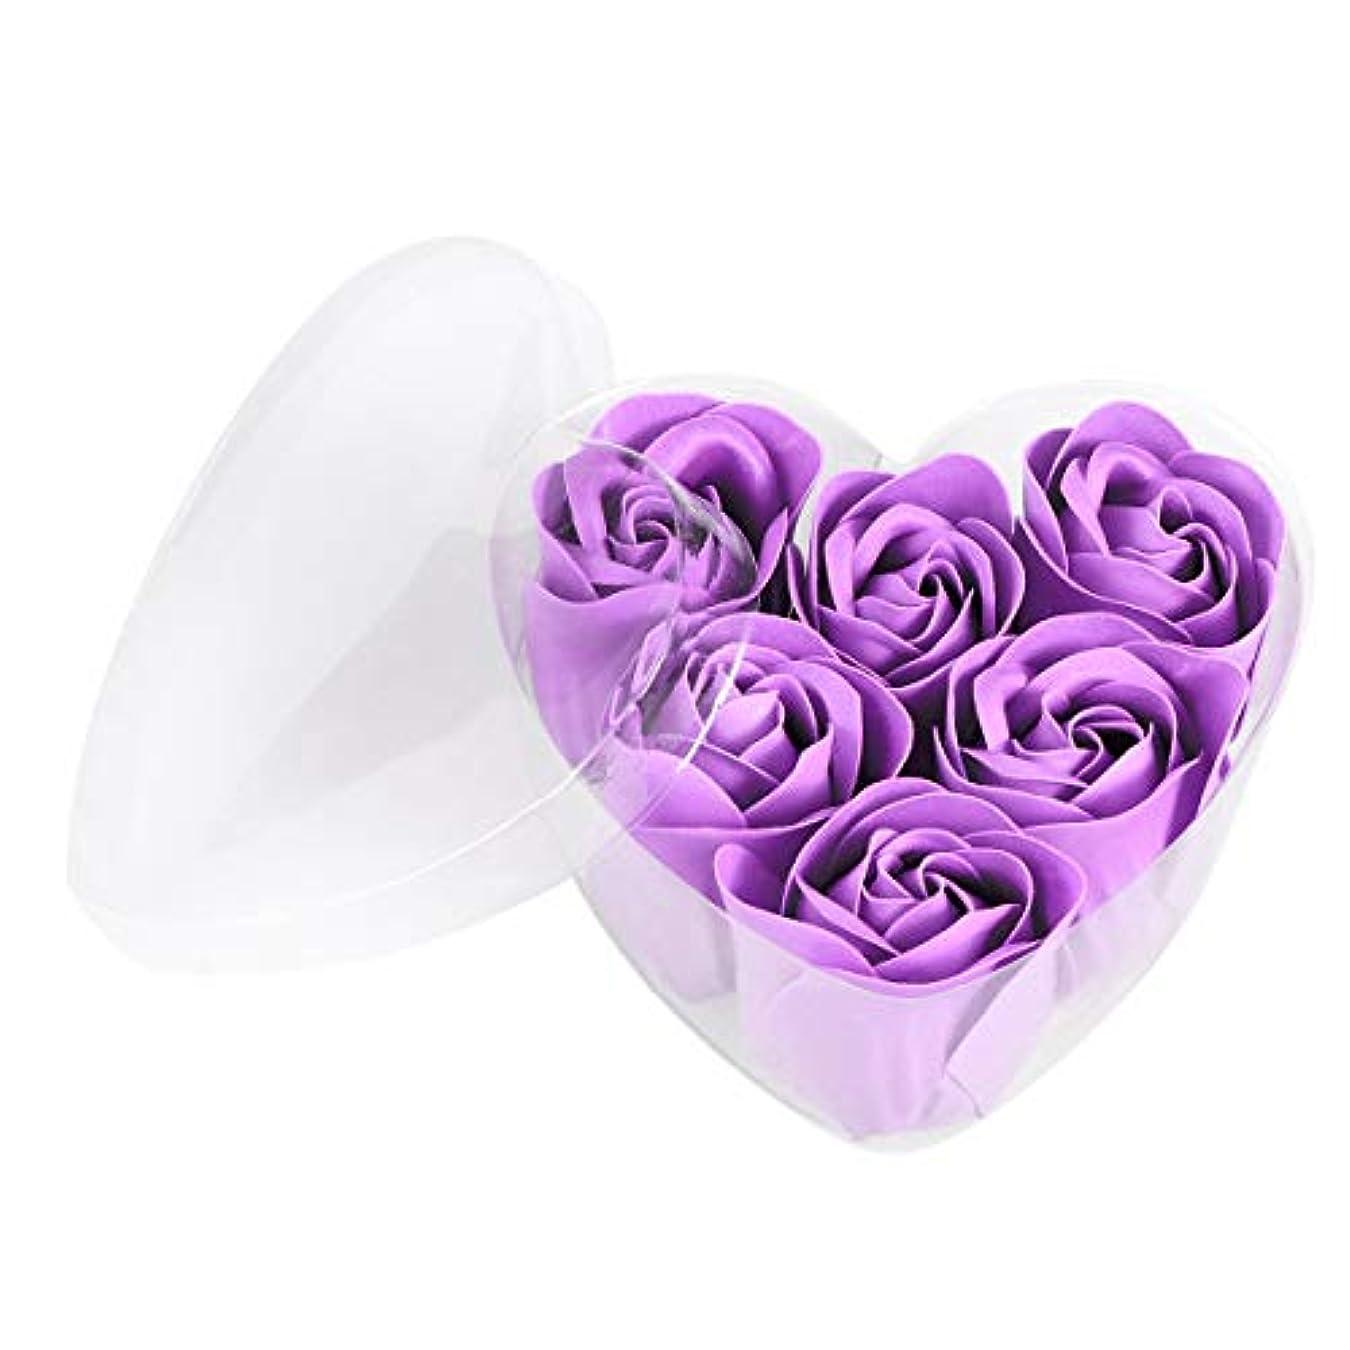 結婚式第二に支店FRCOLOR 6ピースシミュレーションローズソープハート型フラワーソープギフトボックス用誕生日Valentin's Day(紫)